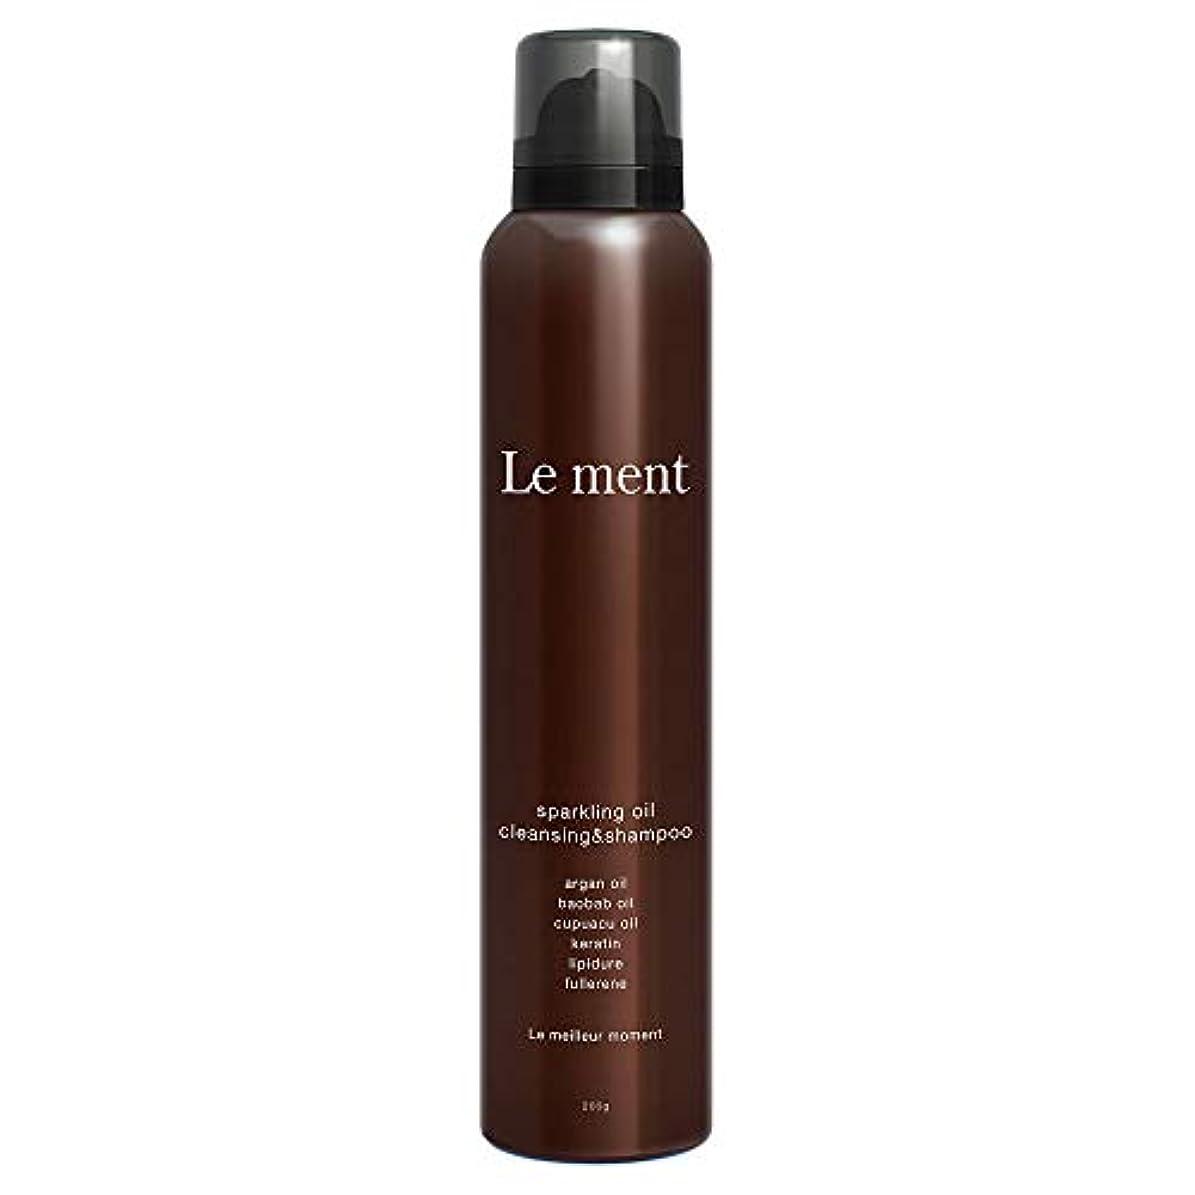 無視できる比べる等価Le ment -sparkling oil cleansing & shampoo -